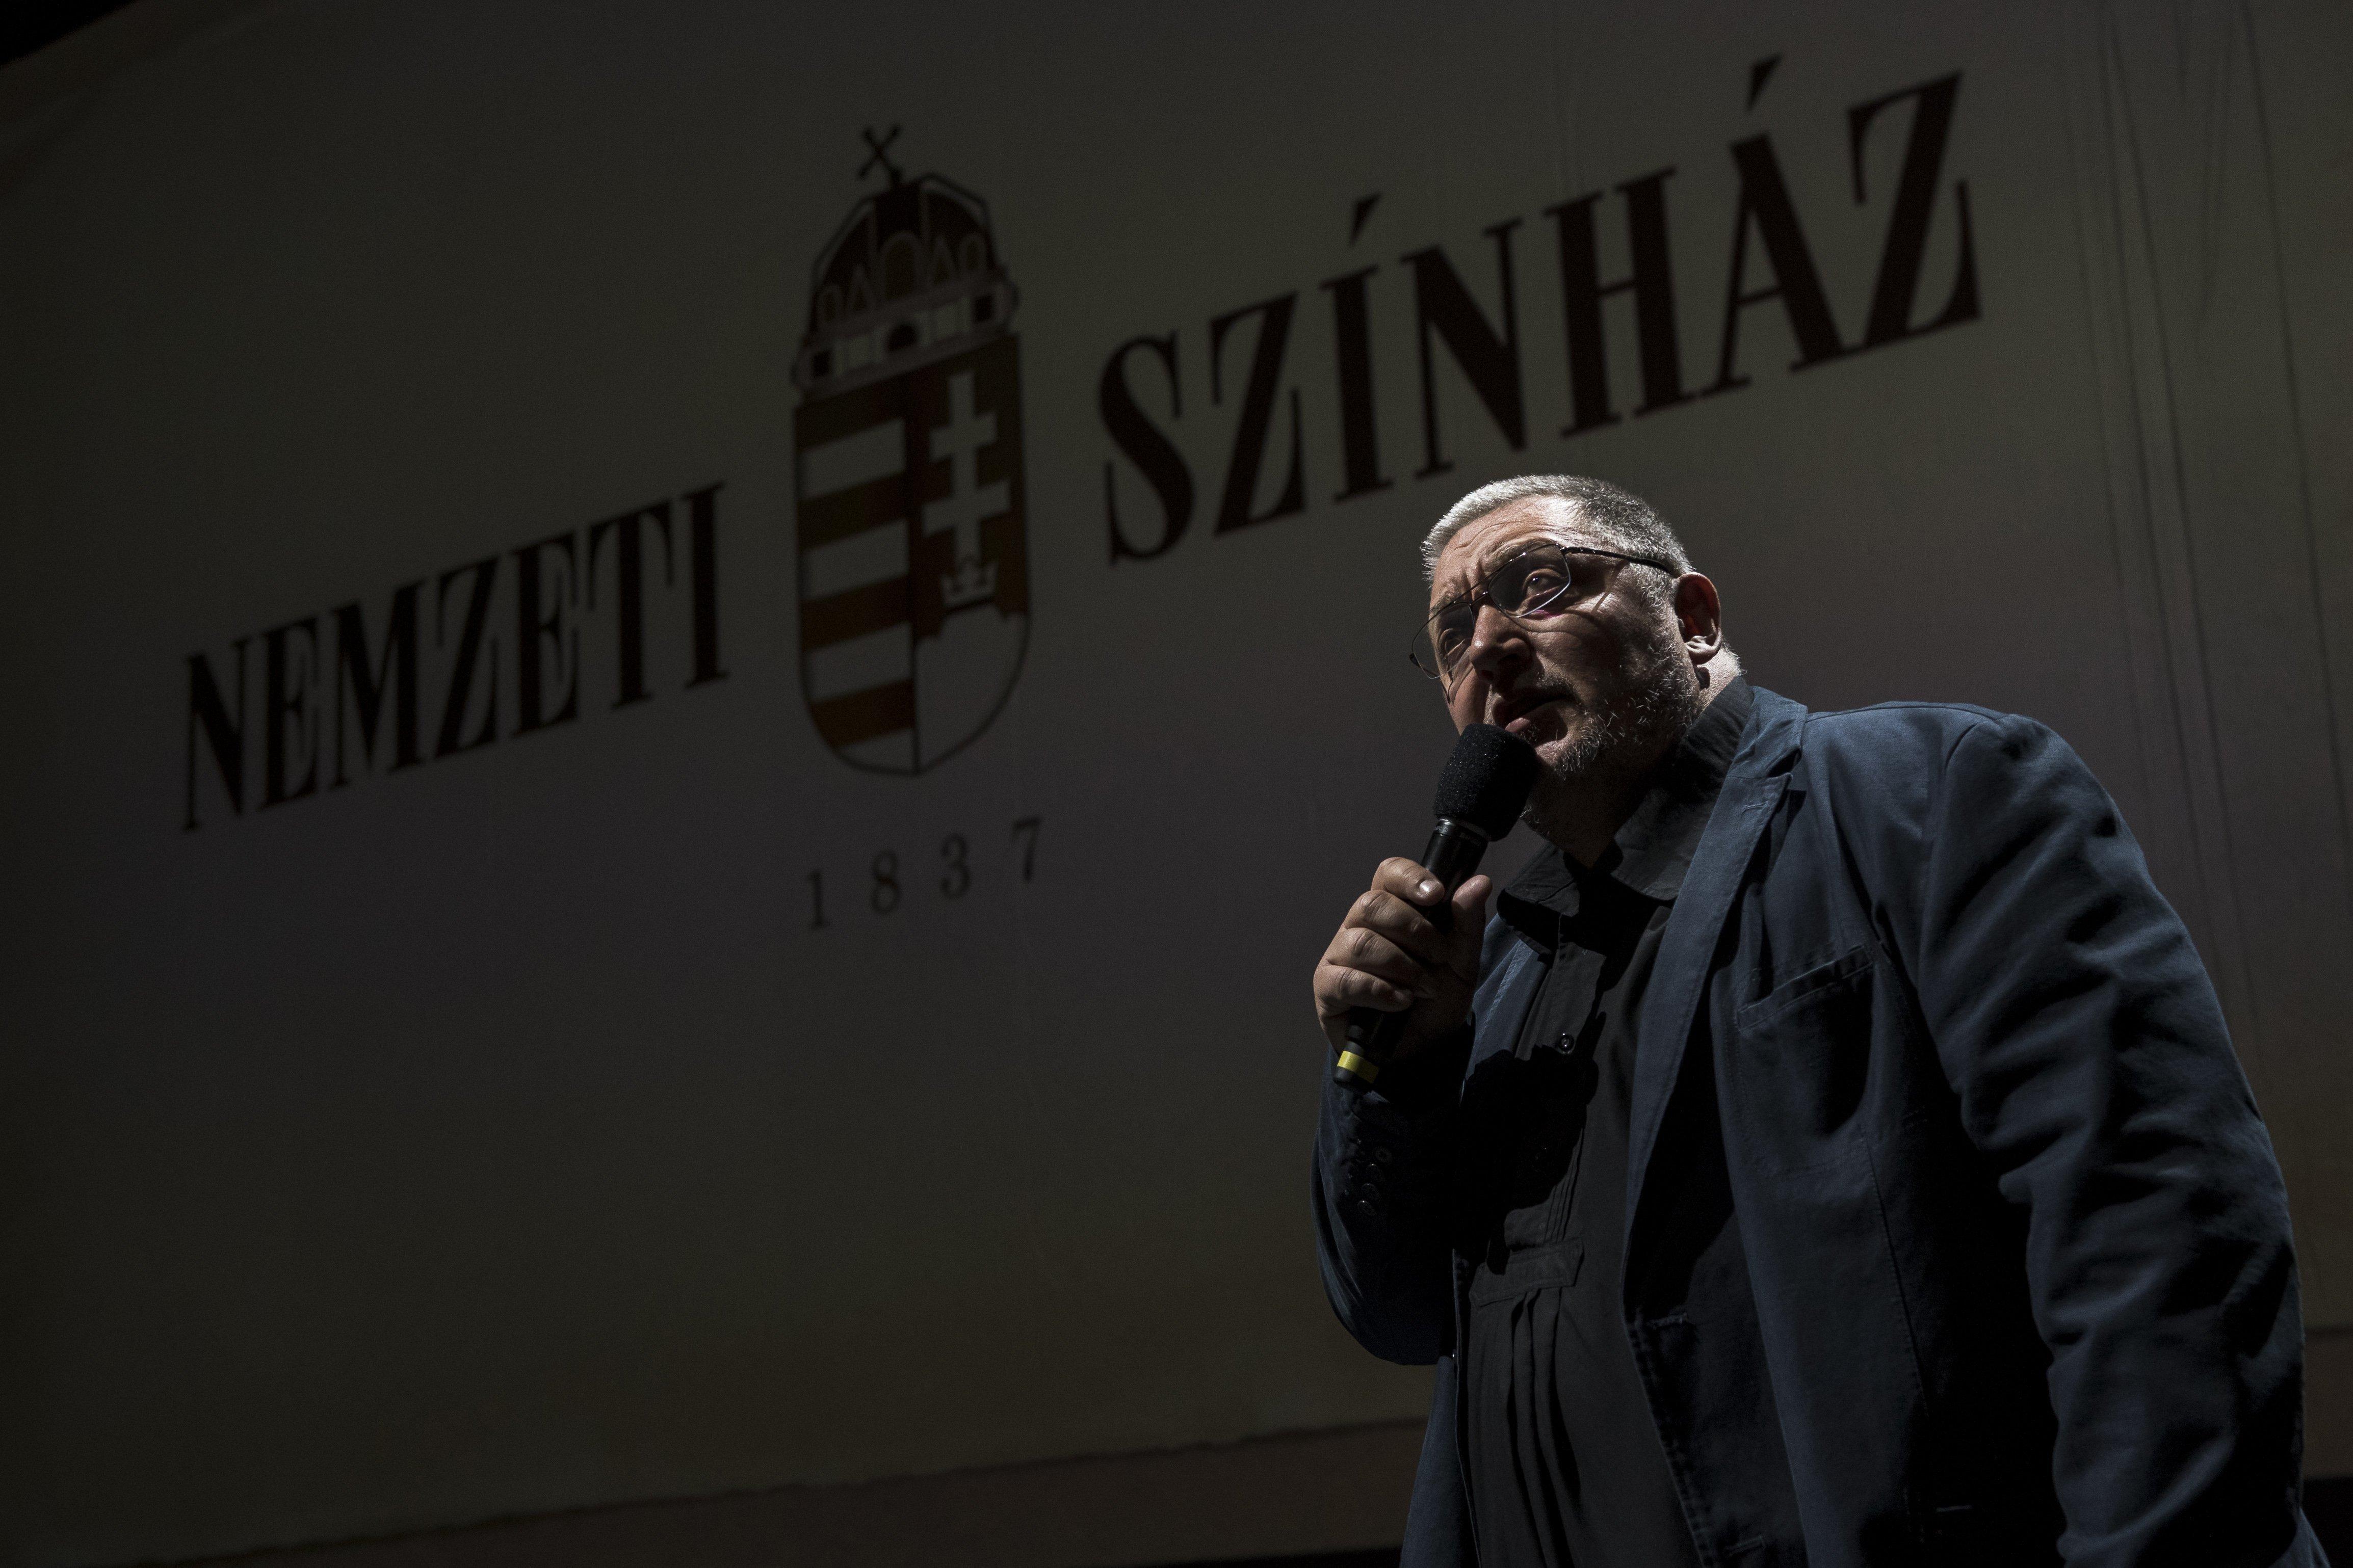 Vidnyánszky Attila visszautasítja a jelölést a kritikusok díjára, mert nem jelölik elégszer a kritikusok díjára